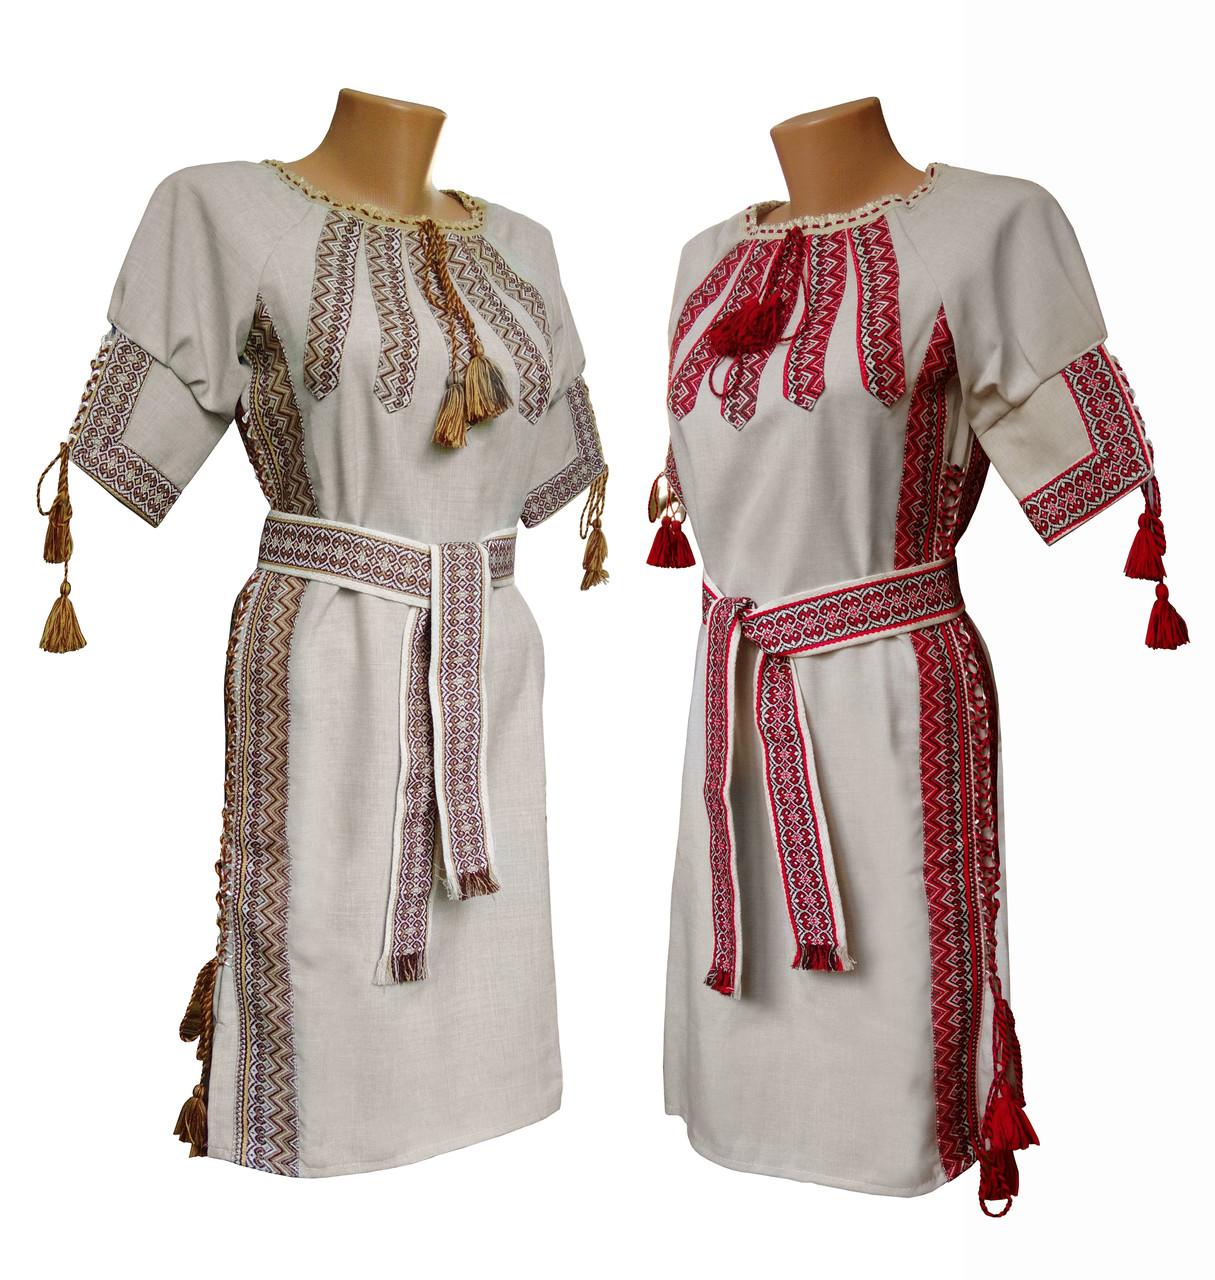 Жіноча вишита сукня великих розмірів до колін в комплекті із поясом, фото 1